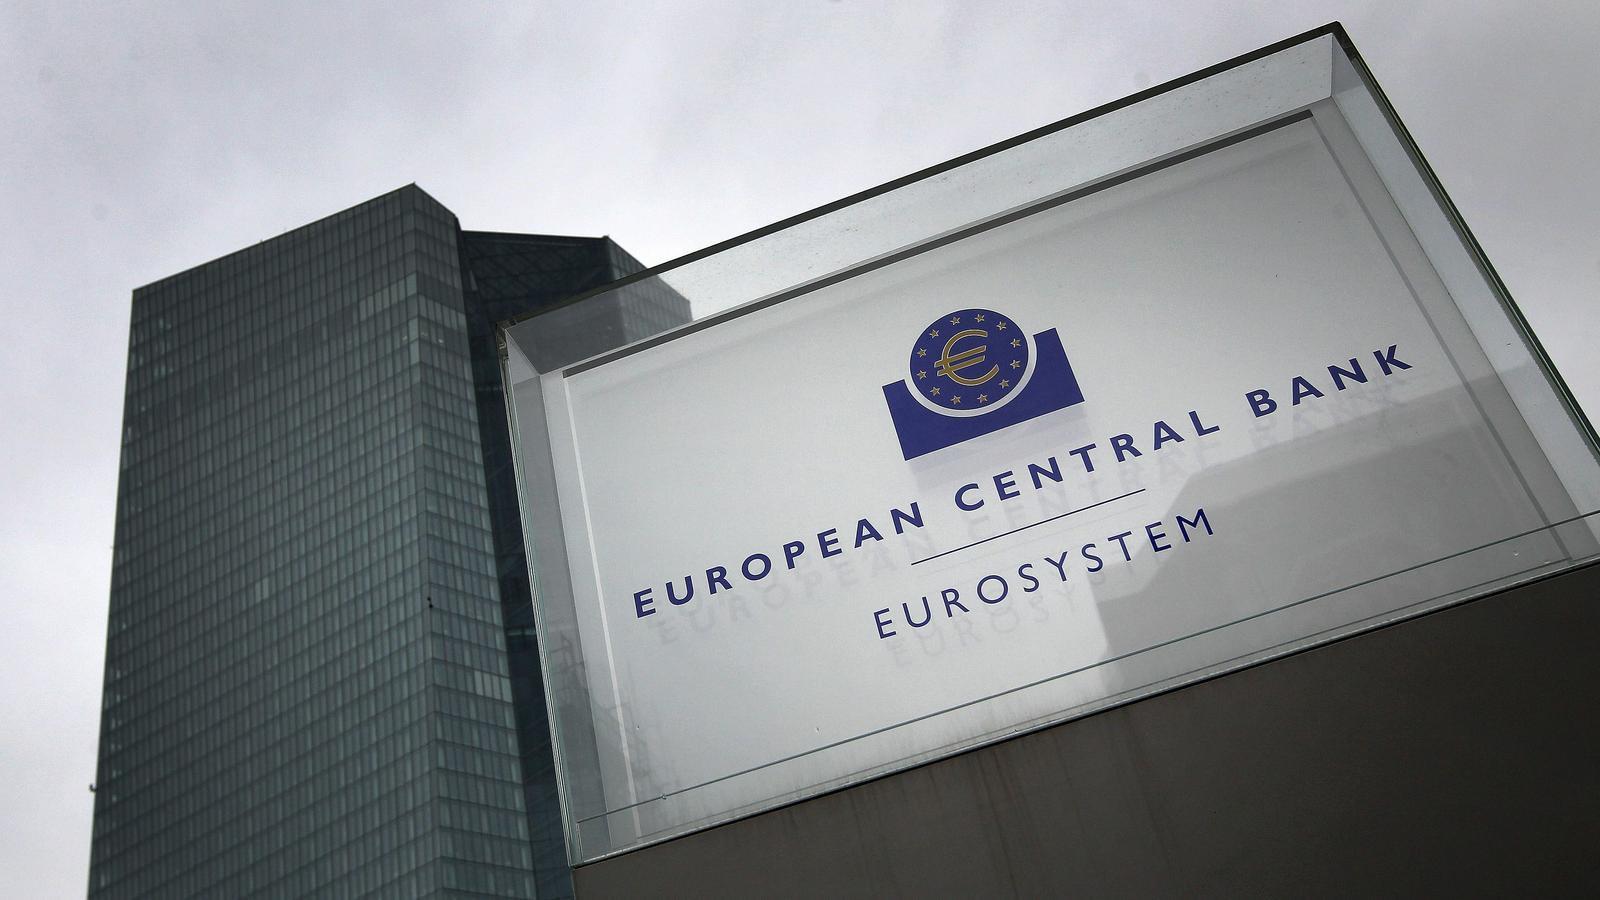 La seu del Banc Central Europeu, a la ciutat alemanya de Frankfurt.